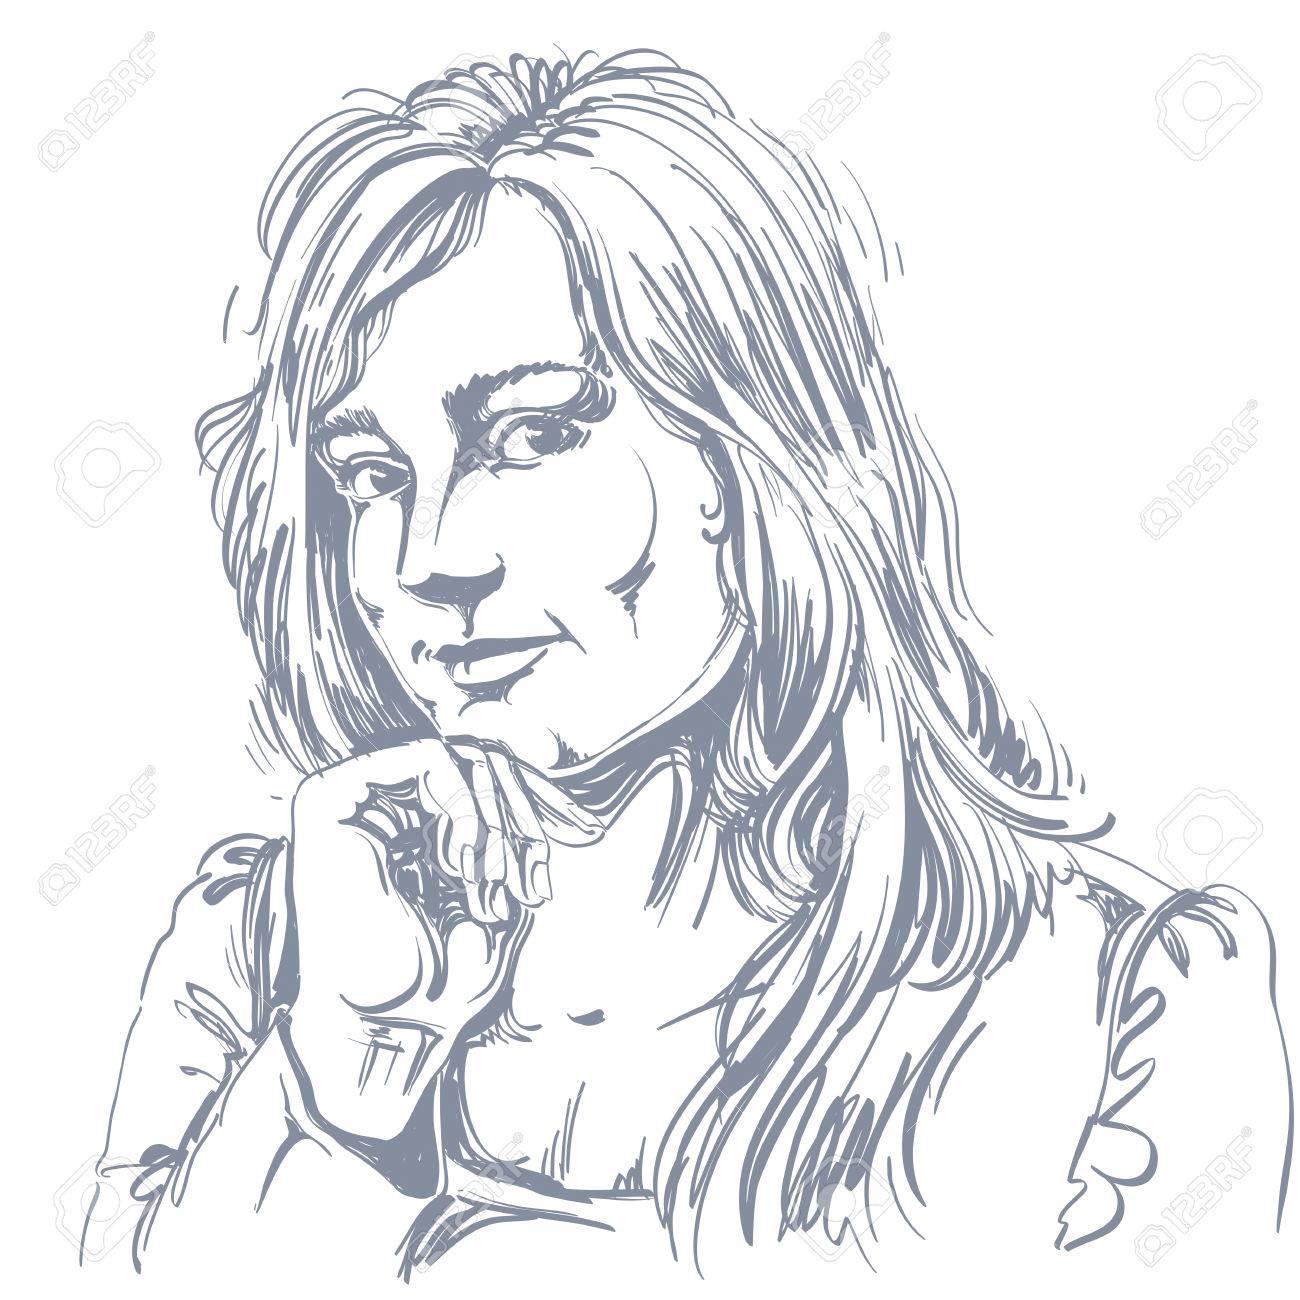 Vector Art Dessin Portrait De Fille Magnifique Flirt Isolé Sur Blanc Les Expressions Faciales Les Gens Des émotions Positives